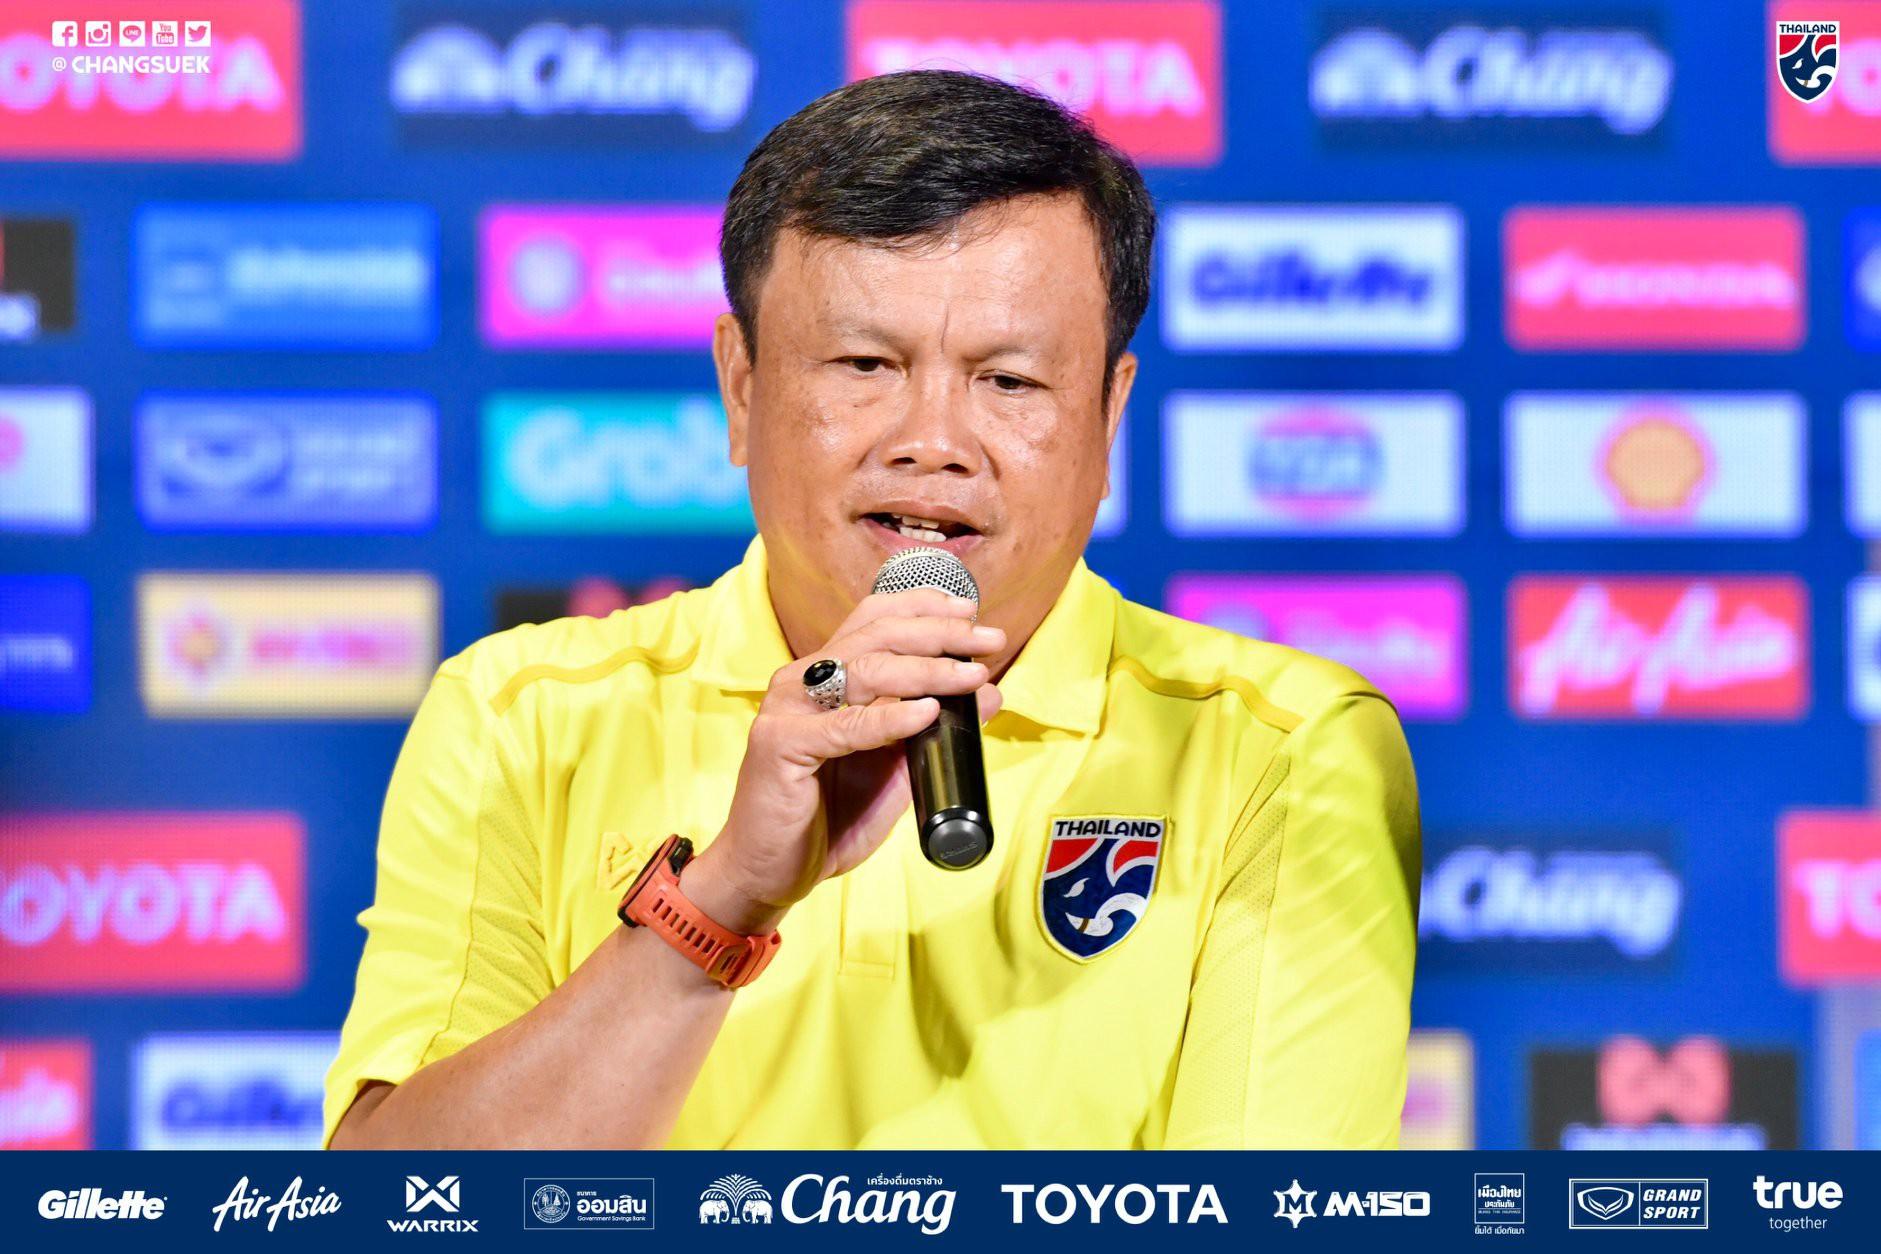 HLV Thái Lan muốn đánh bại tuyển Việt Nam để chứng minh ai là số 1 Đông Nam Á - Ảnh 1.